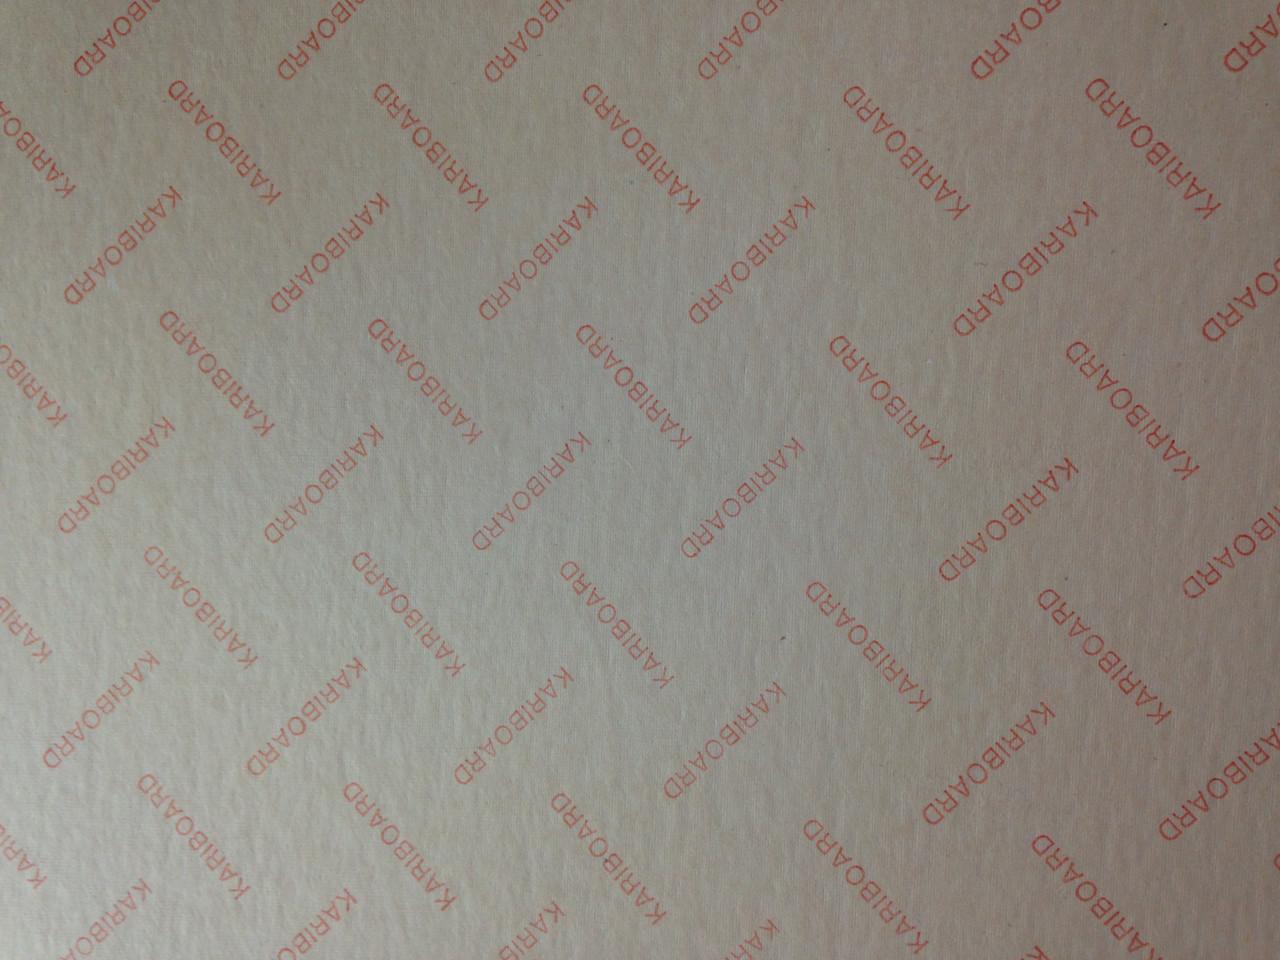 Картон обувной стелечный KARIBORD 900 1.25mm